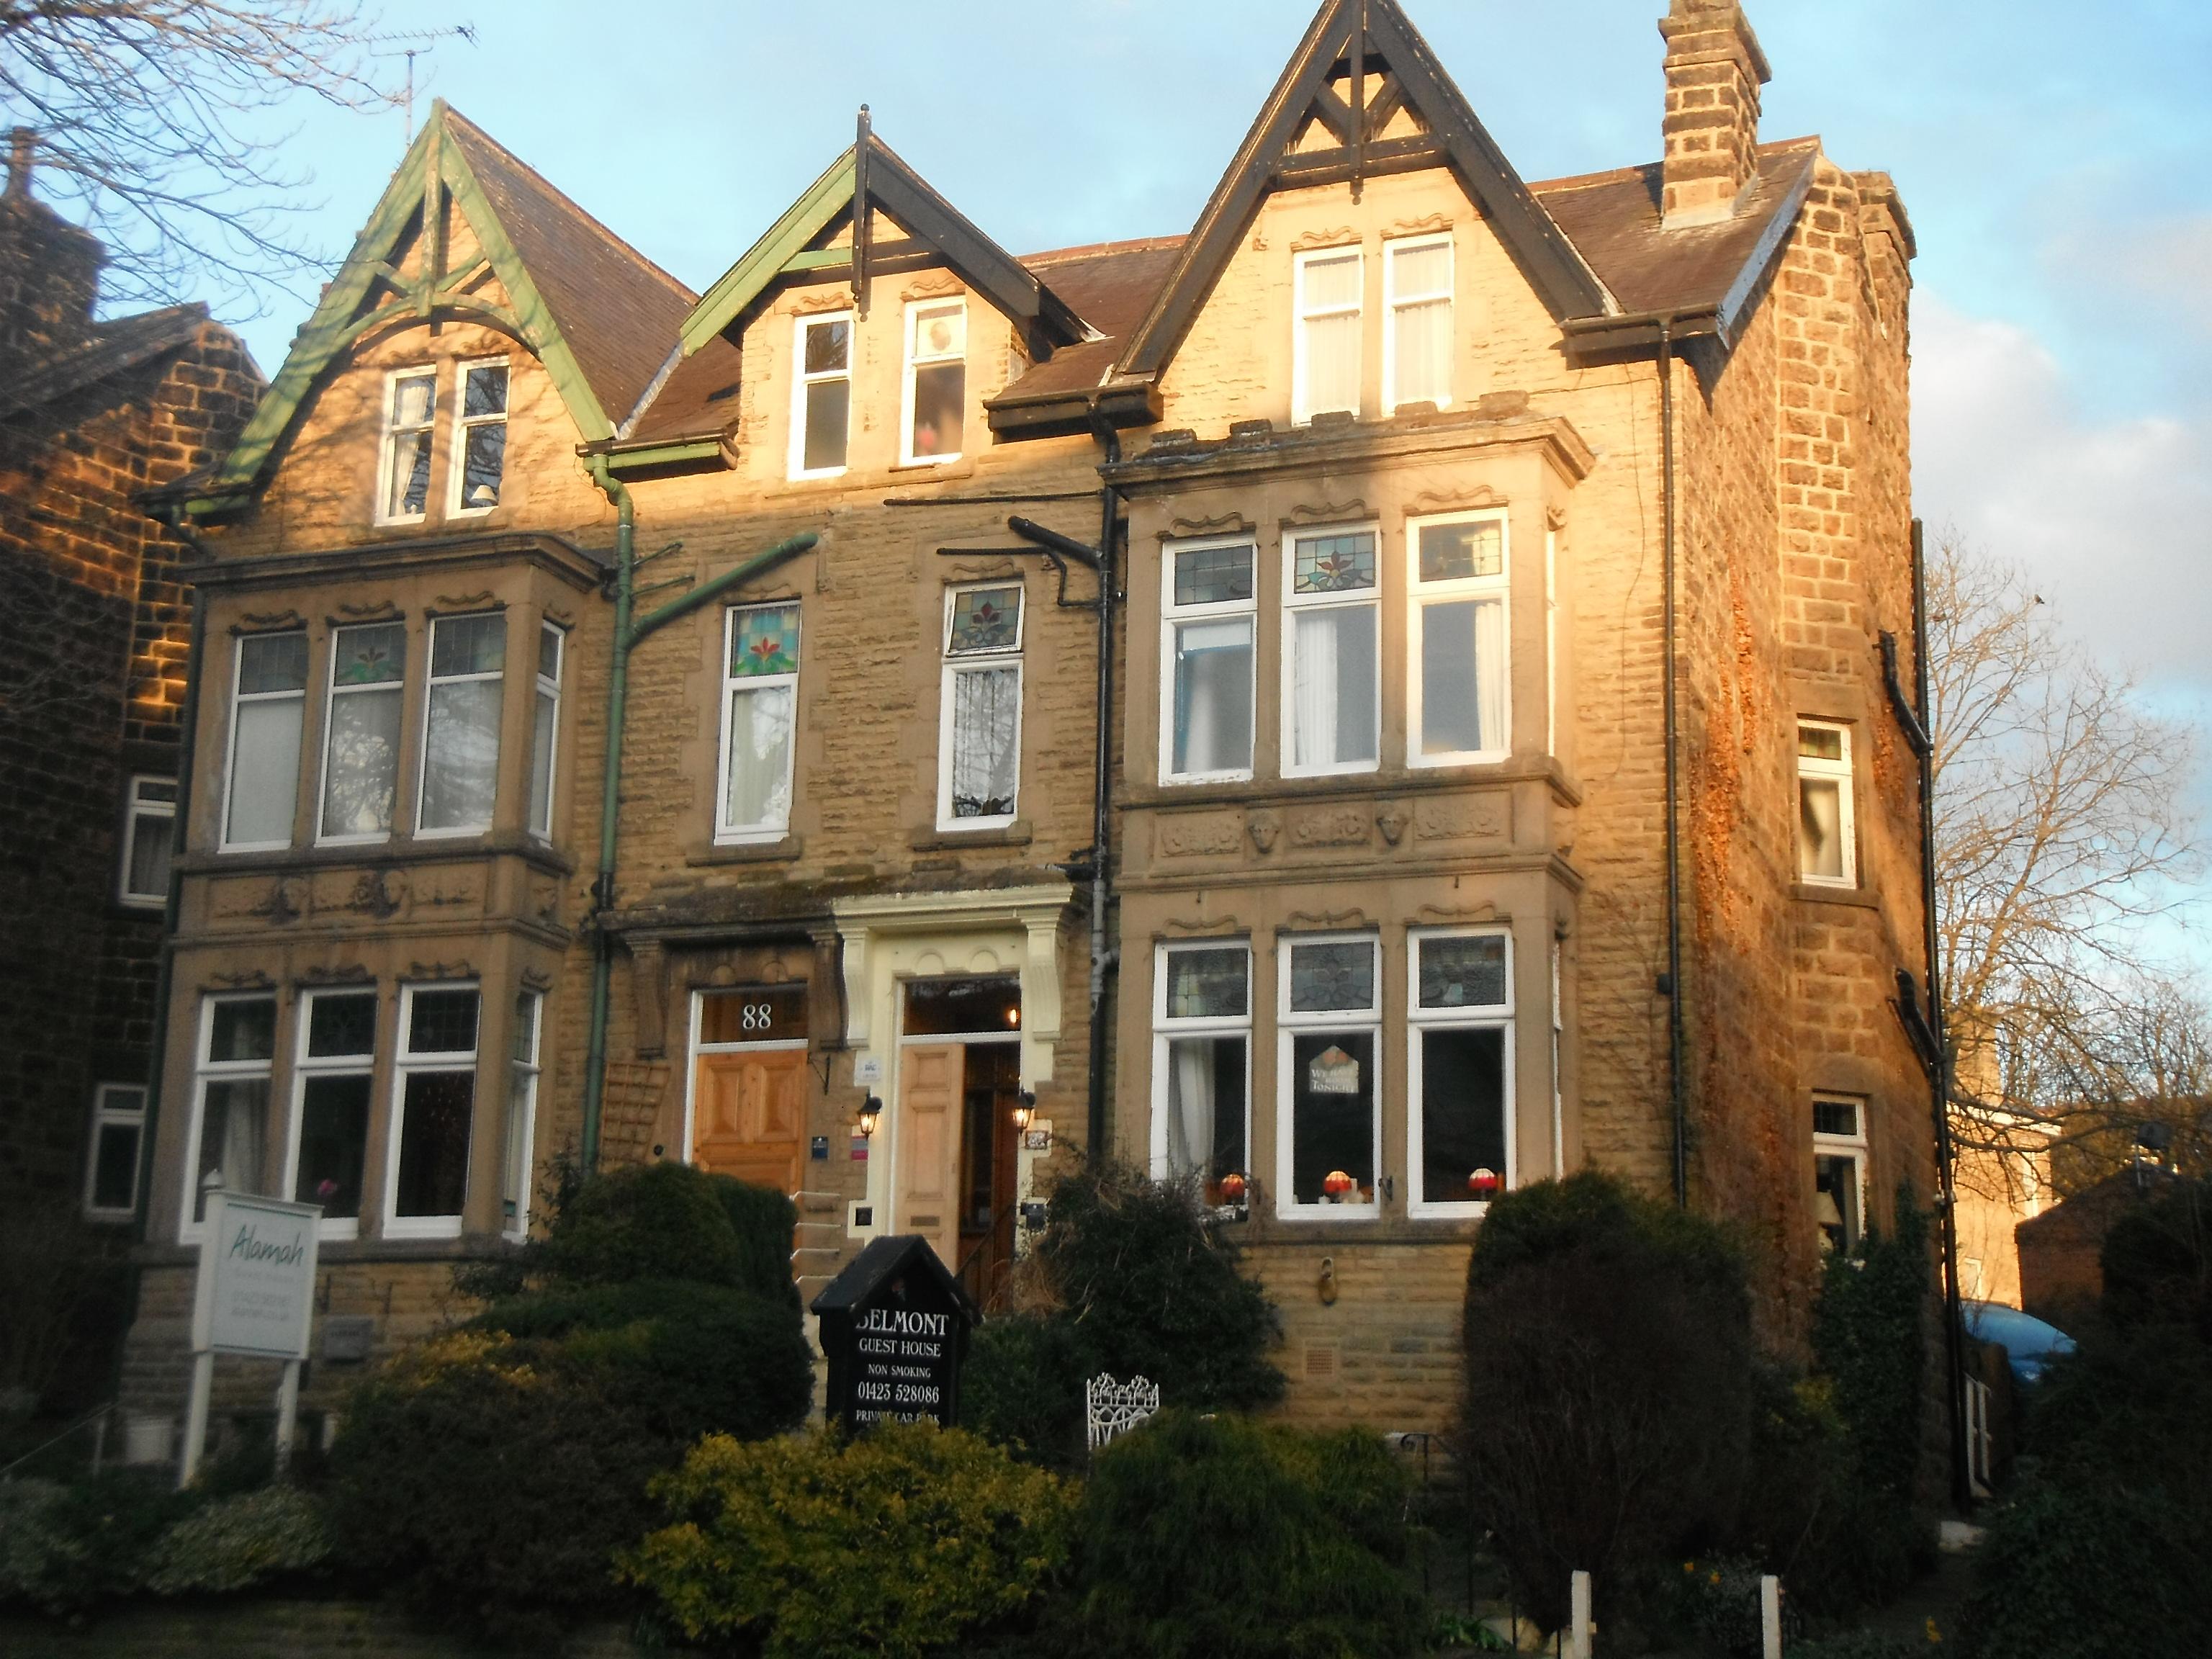 Photo taken by me – The Belmont Guest House, Harrogate